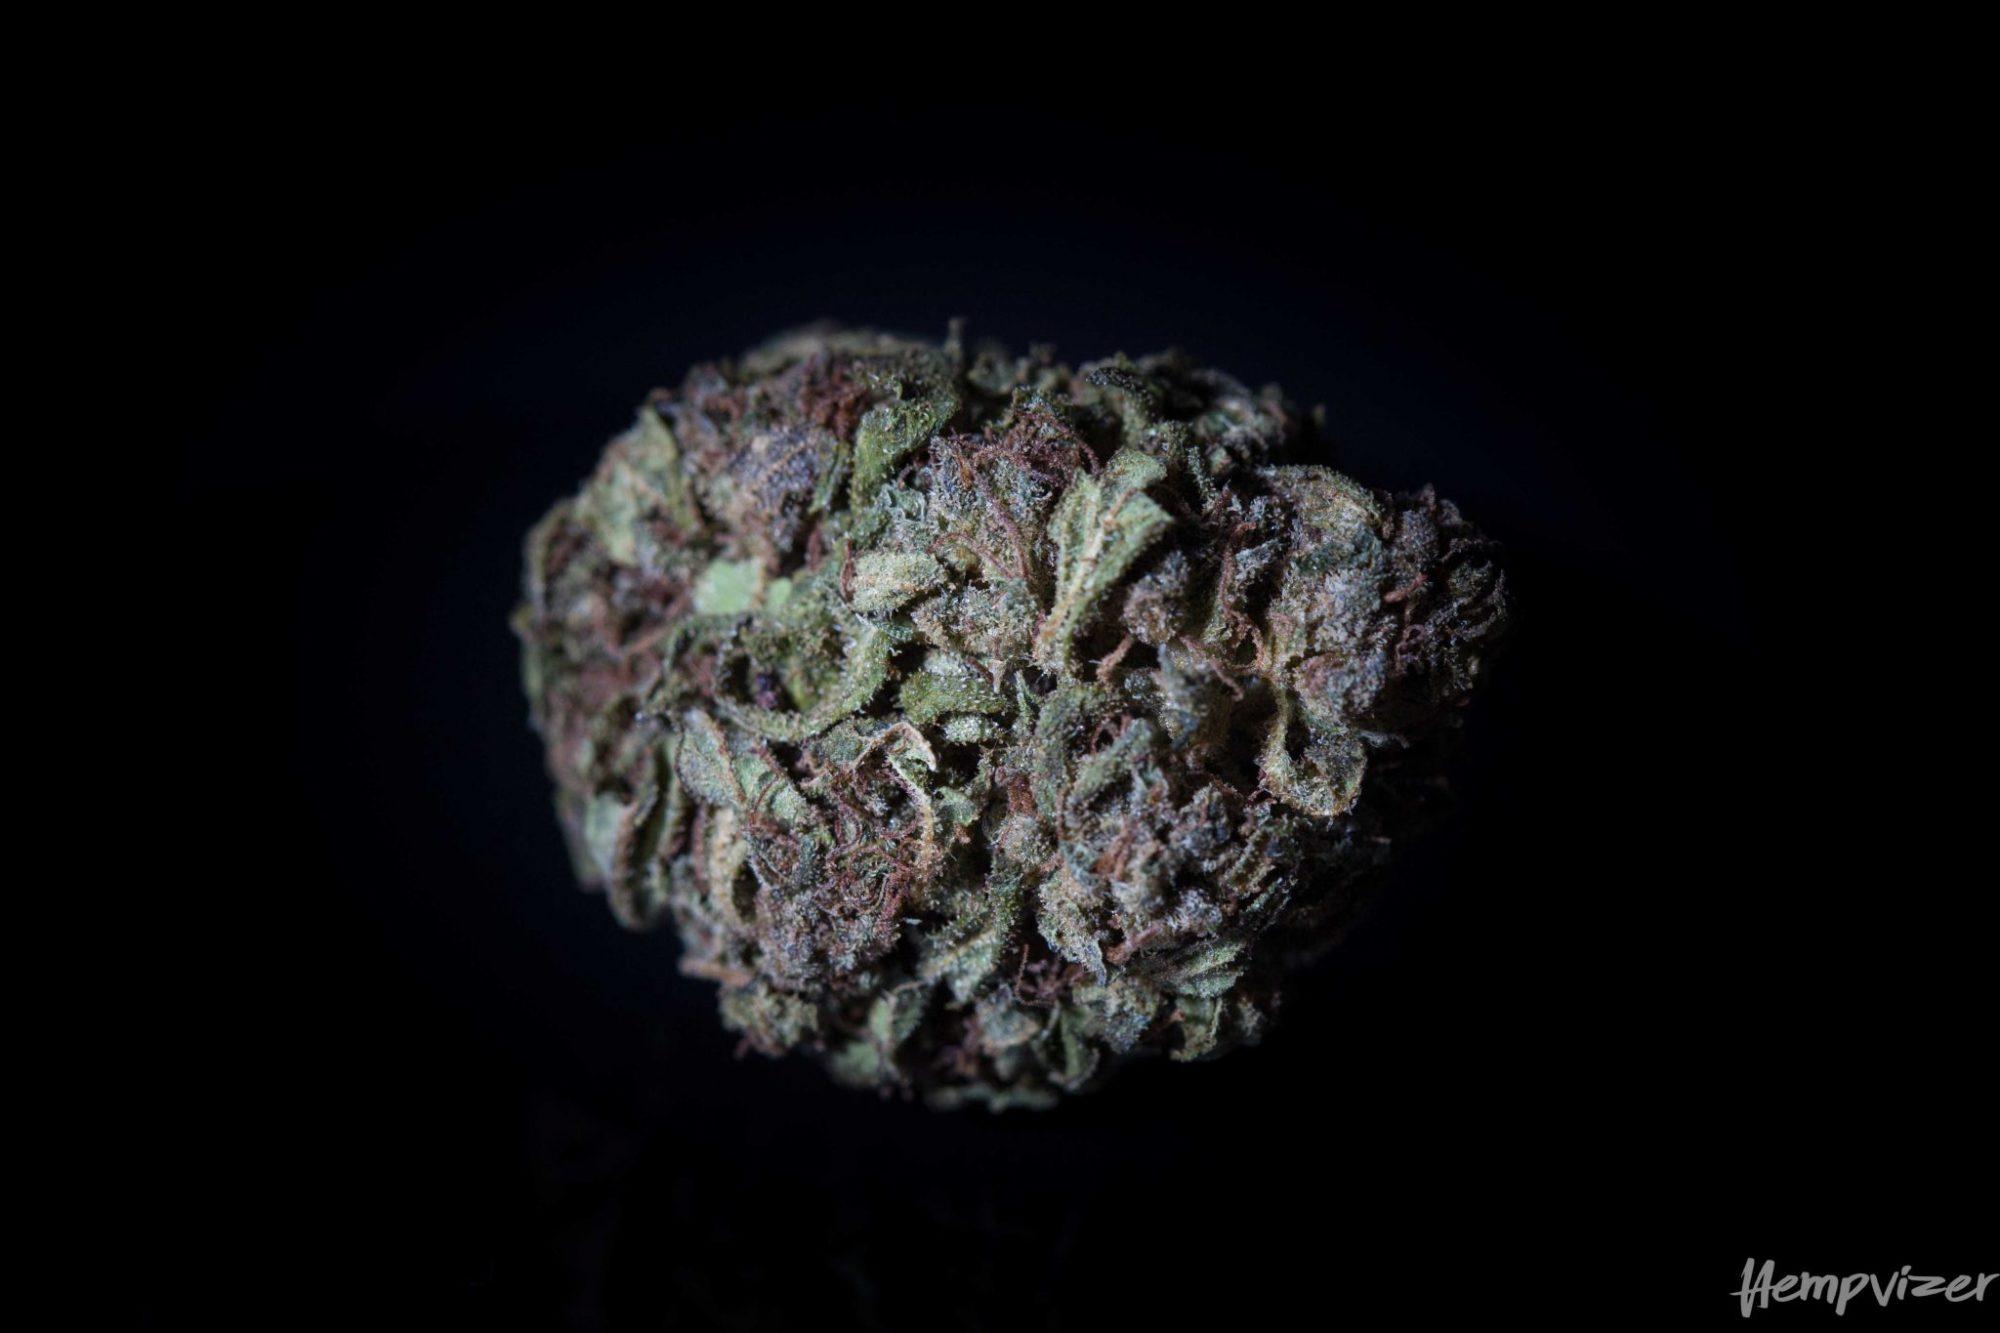 Gorilla Glue #4 8% CBD